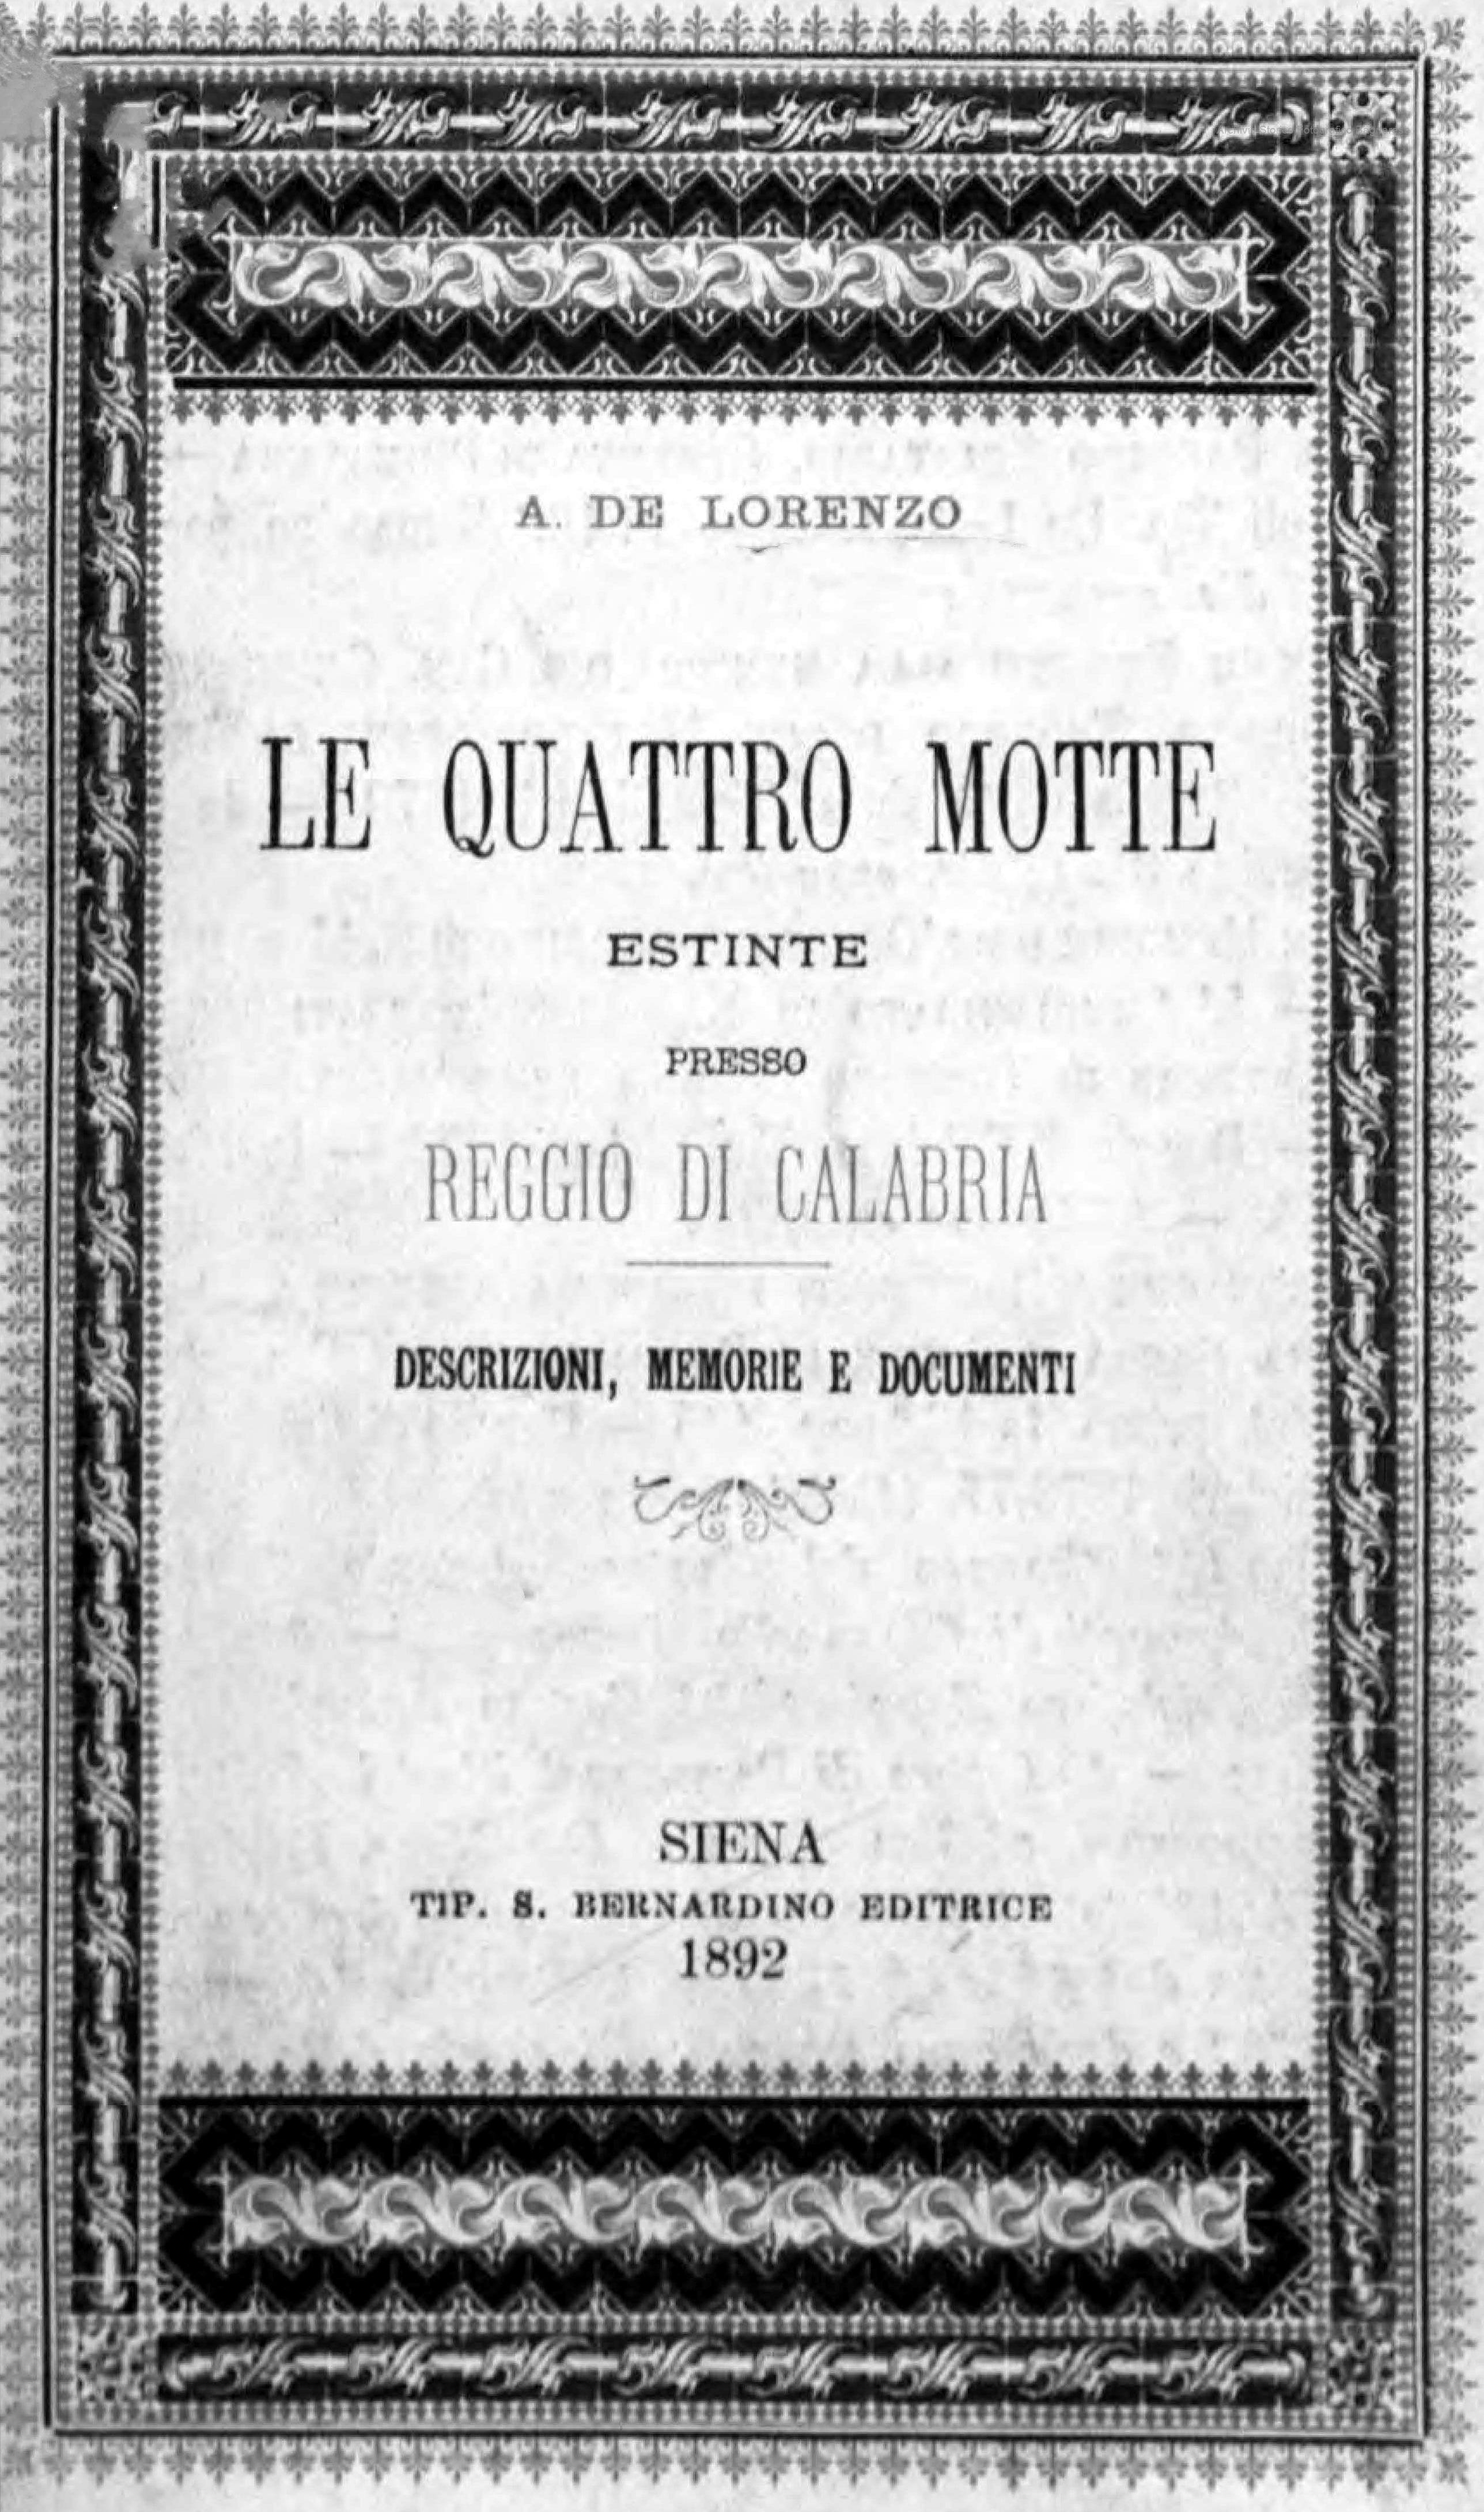 Le Quattro motte estinte presso Reggio Calabria